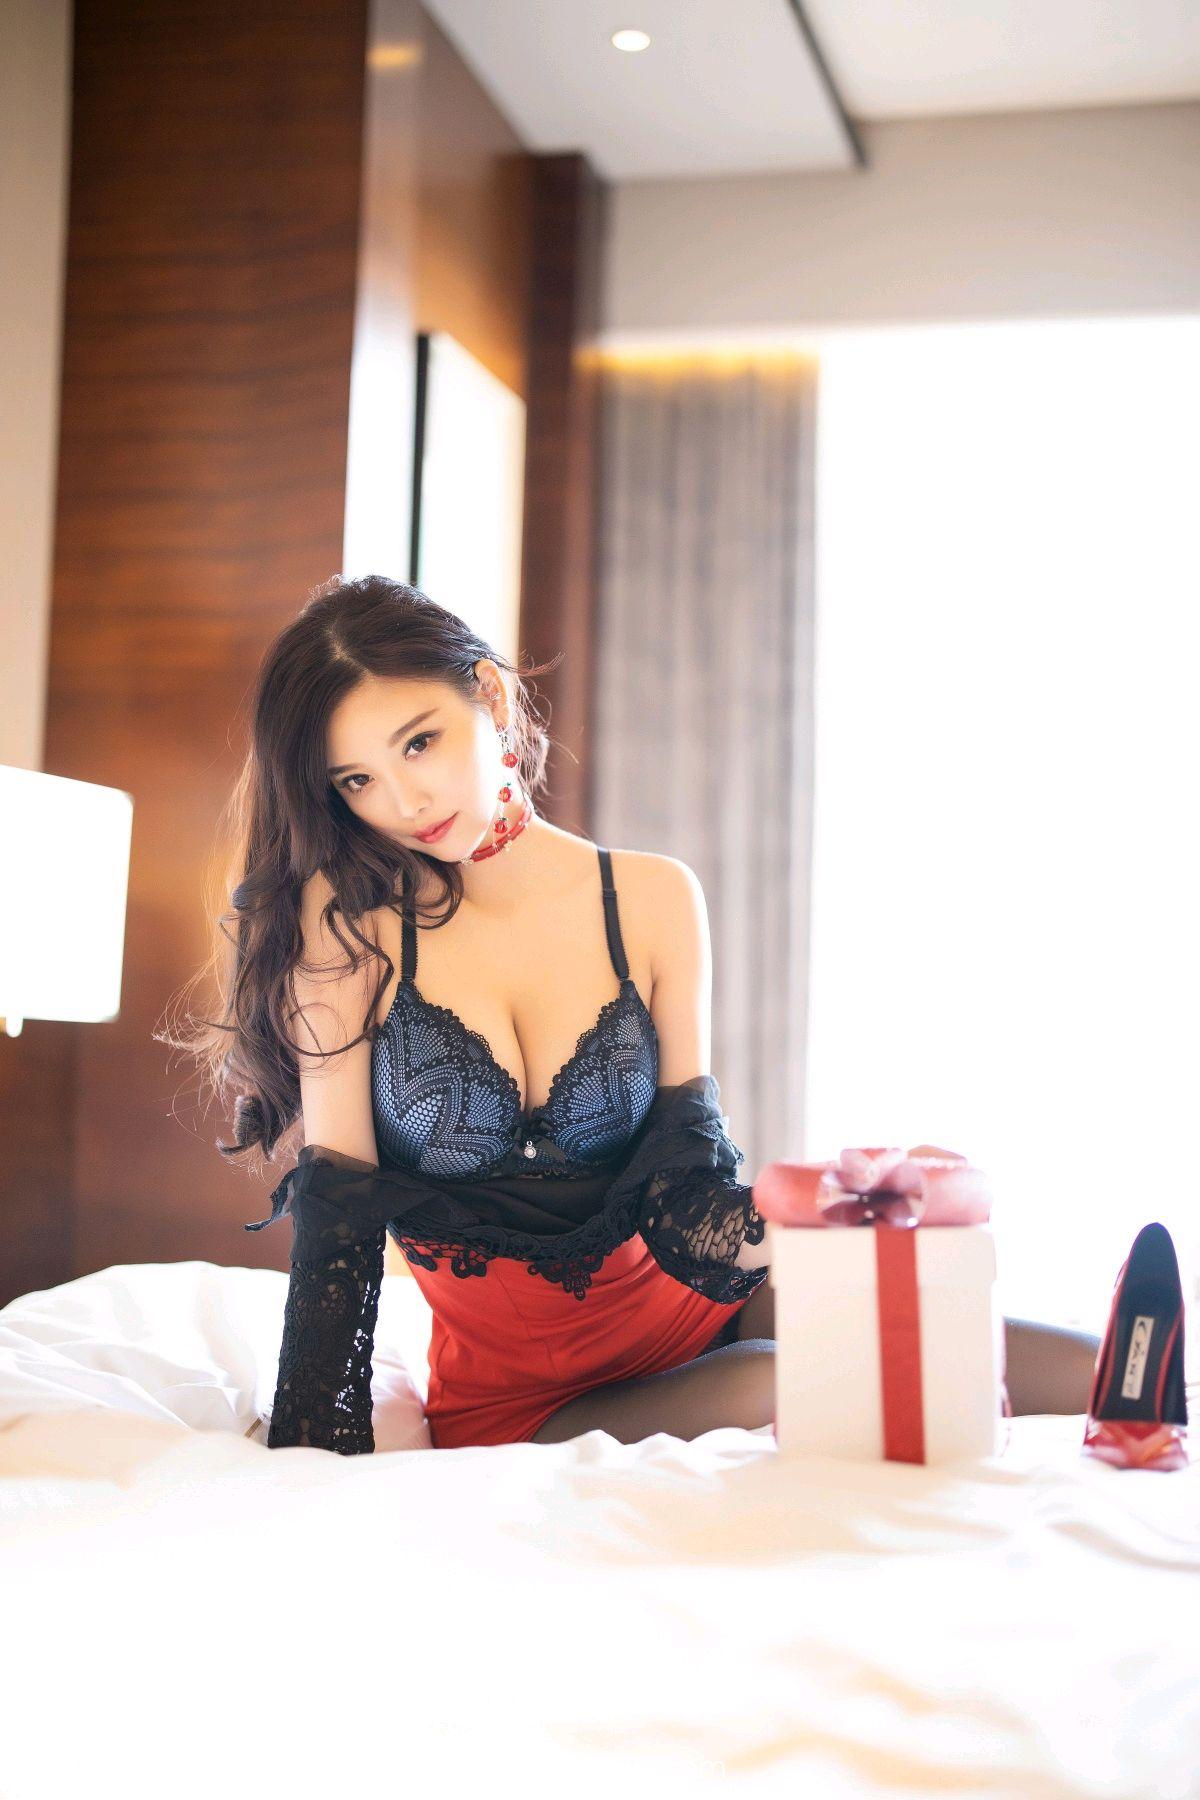 [XiaoYu] Vol.225 Yang Chen Chen 57P, Christmas, Underwear, XiaoYu, Yang Chen Chen